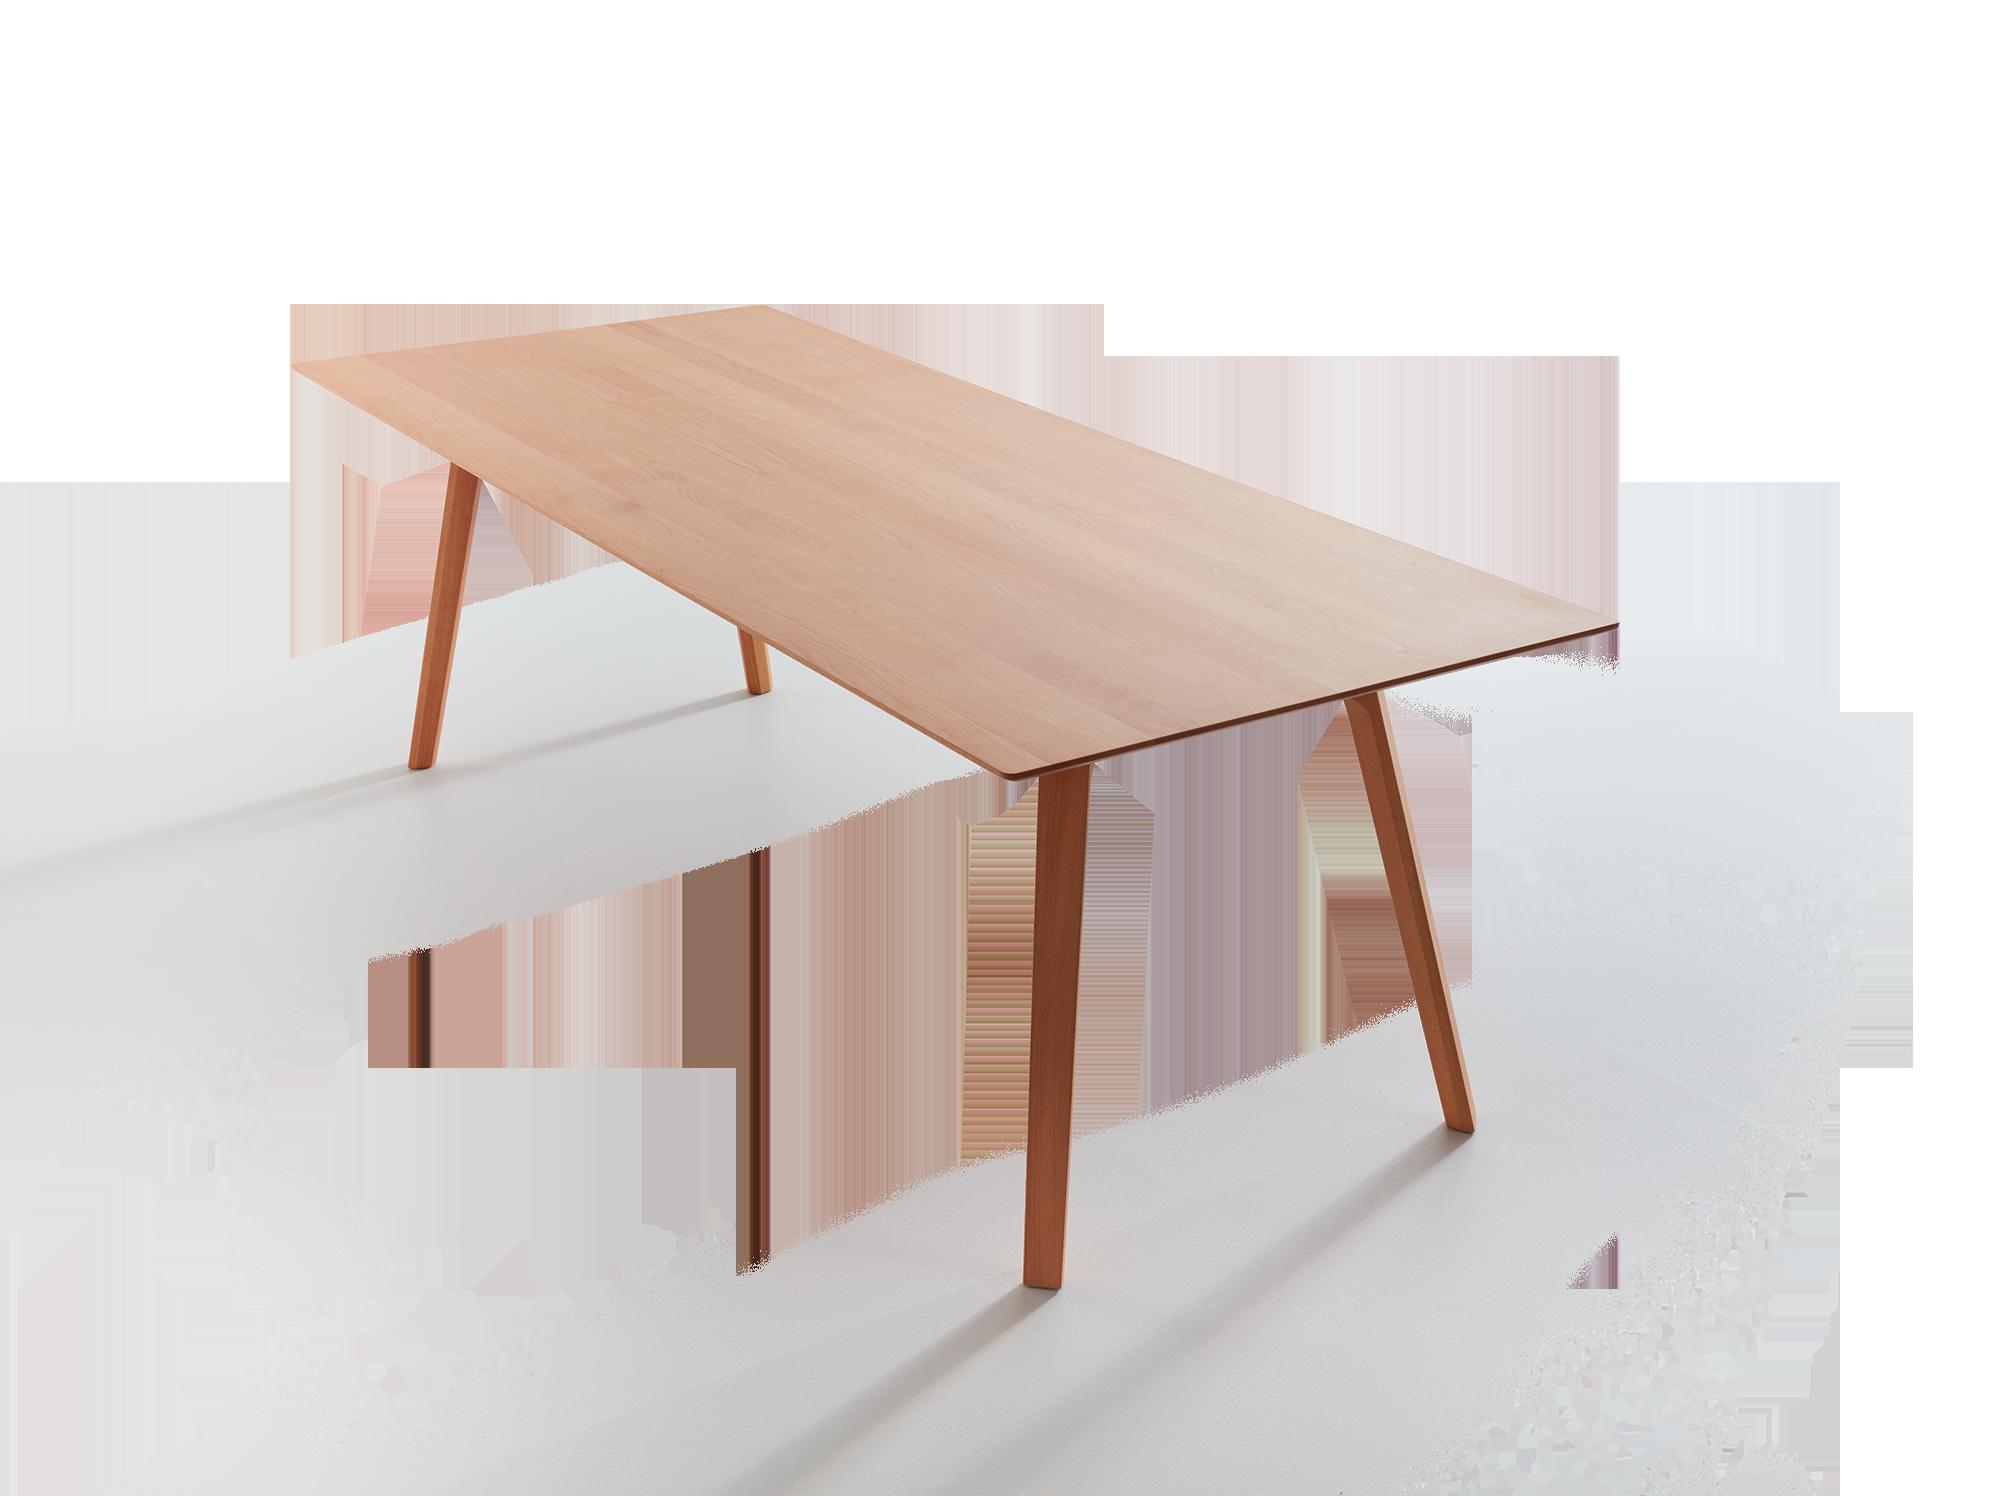 Esstisch Mirato Esstisch buche, Esstisch, Tisch